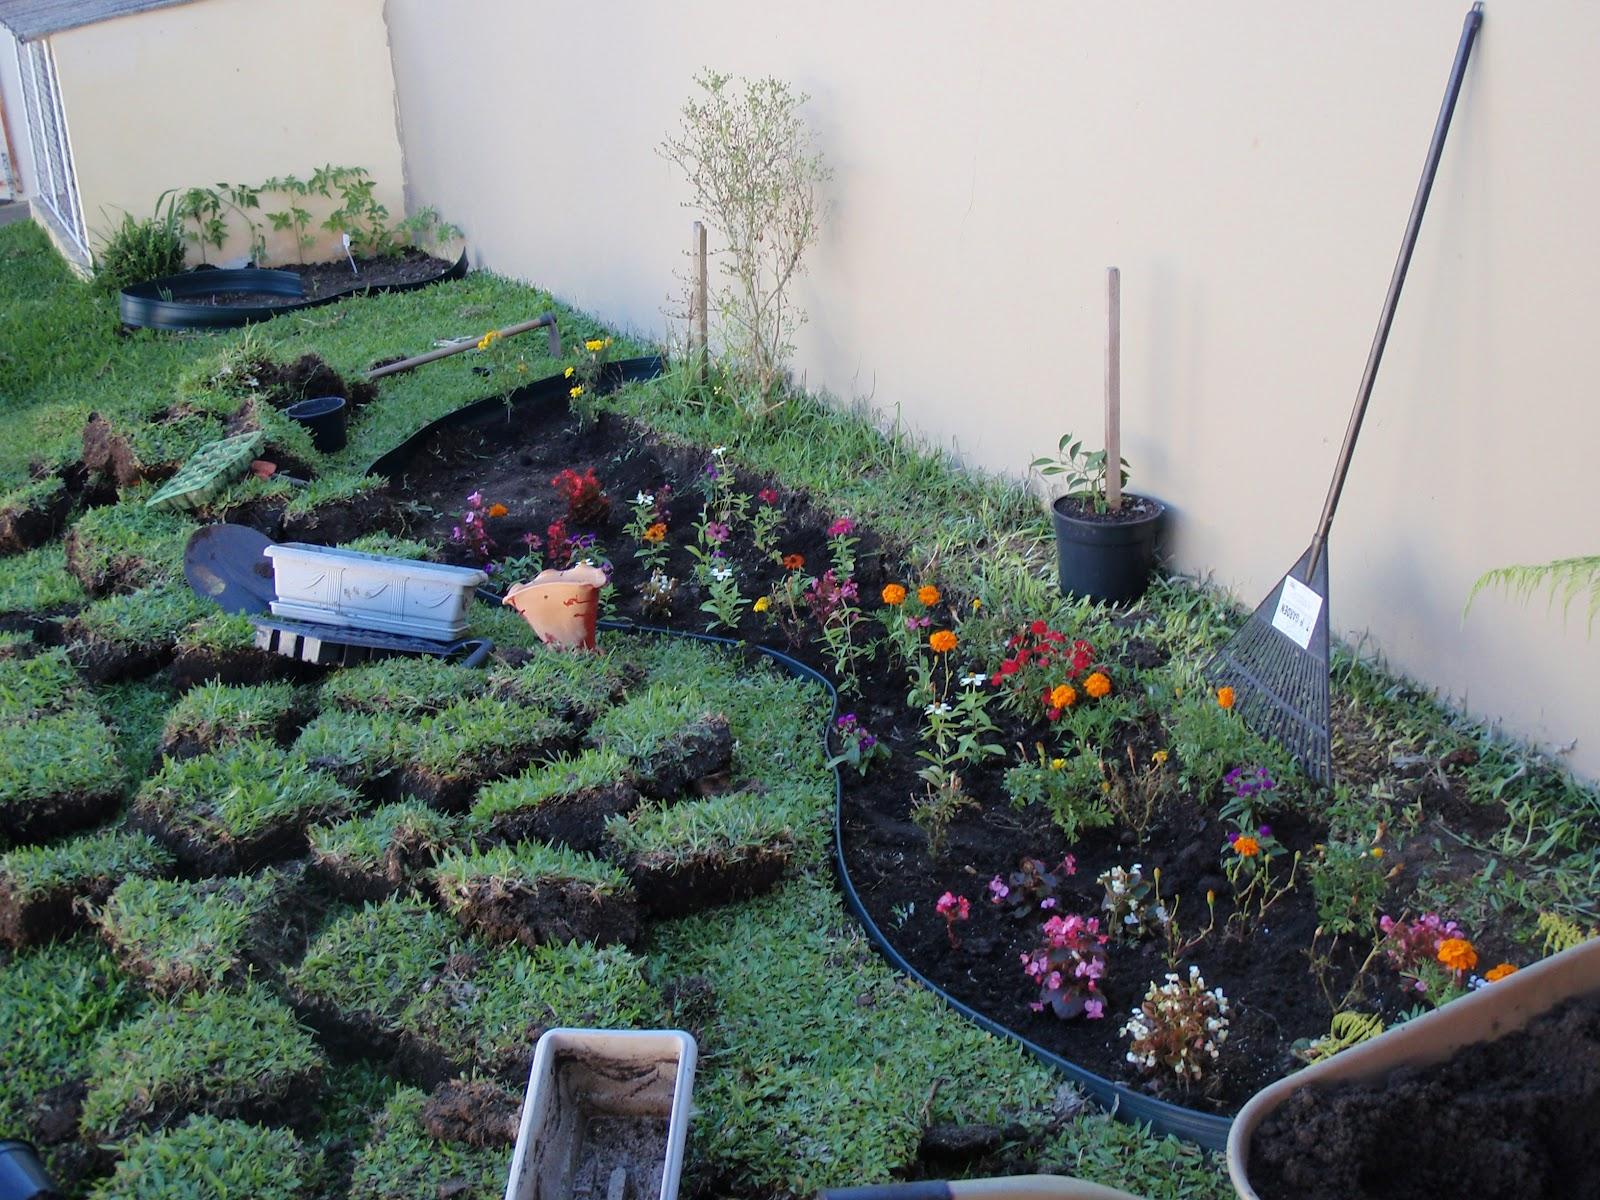 Fazendo Meu Jardim Com Pedras Brancas Ideias Para O Seu Jardim